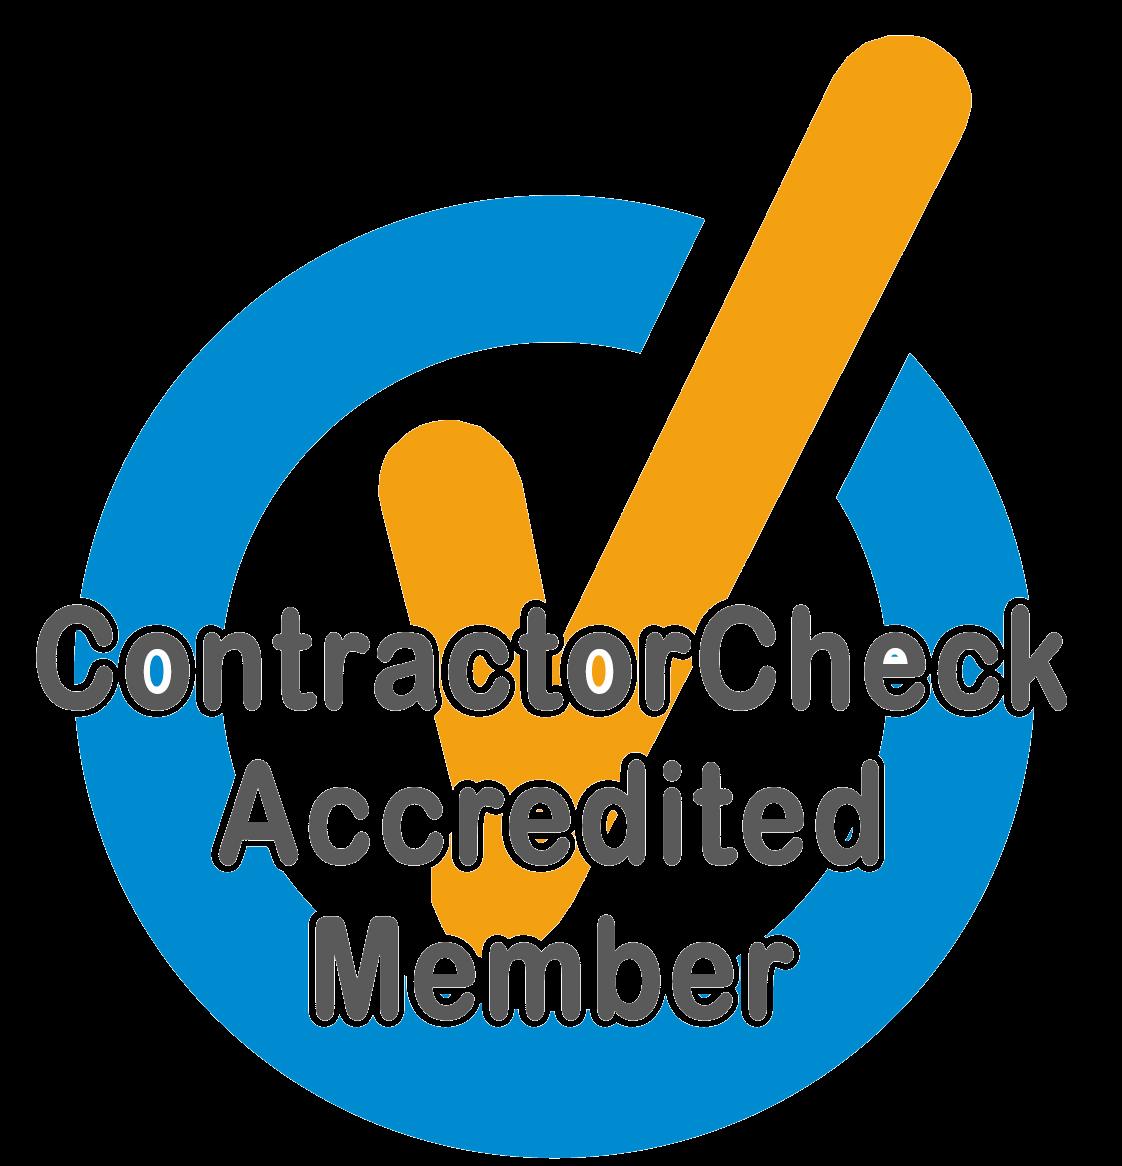 contractor check logo jpg